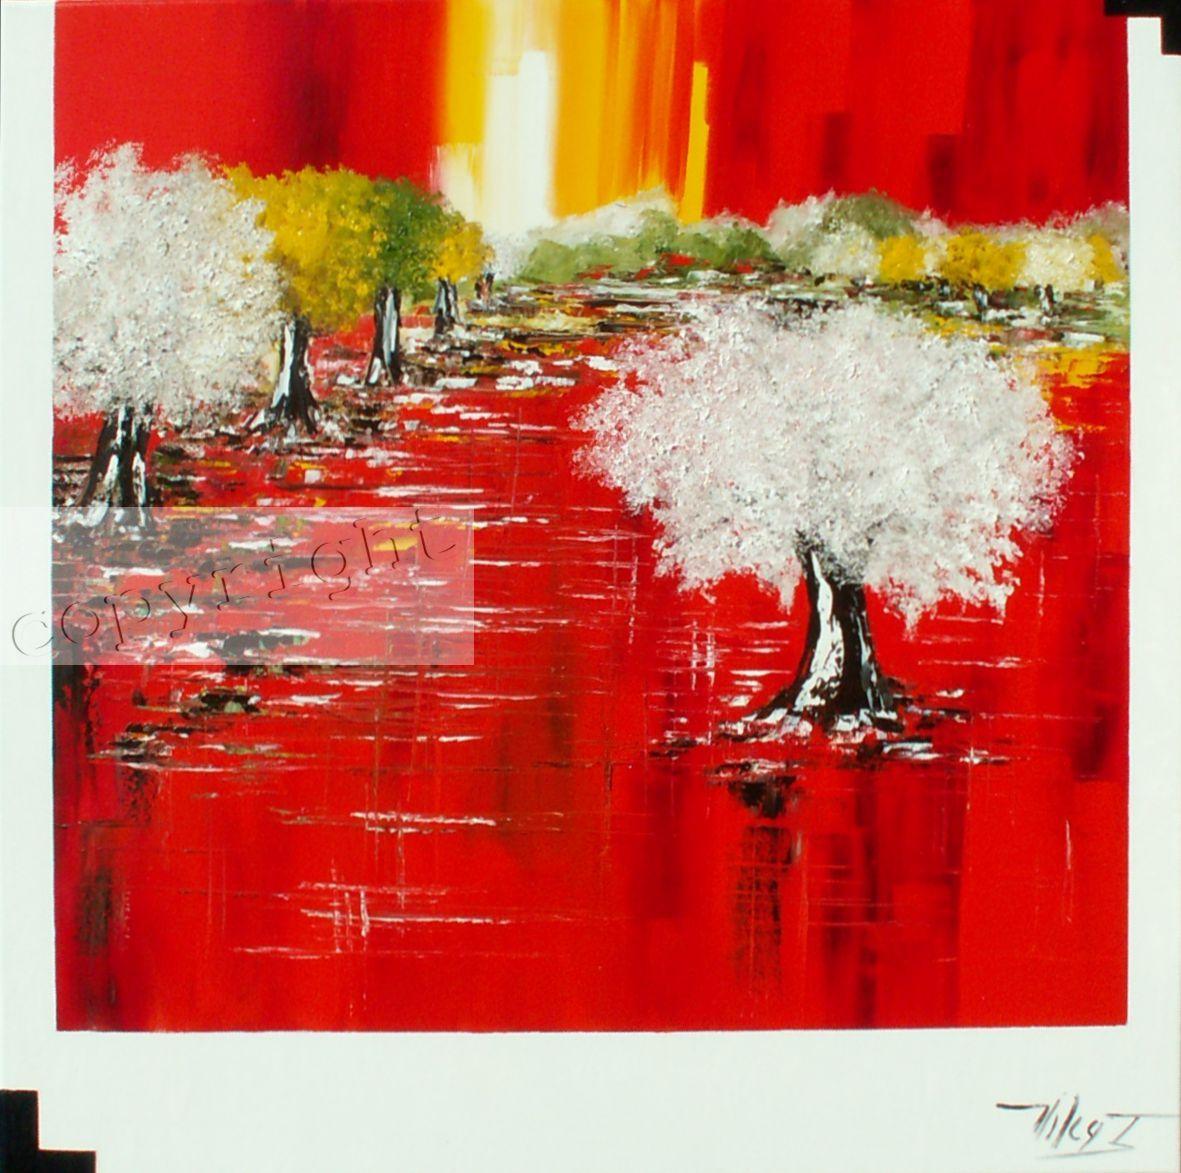 Rouge d'orHuile sur toile100x100 cmCopyright Vilcaz